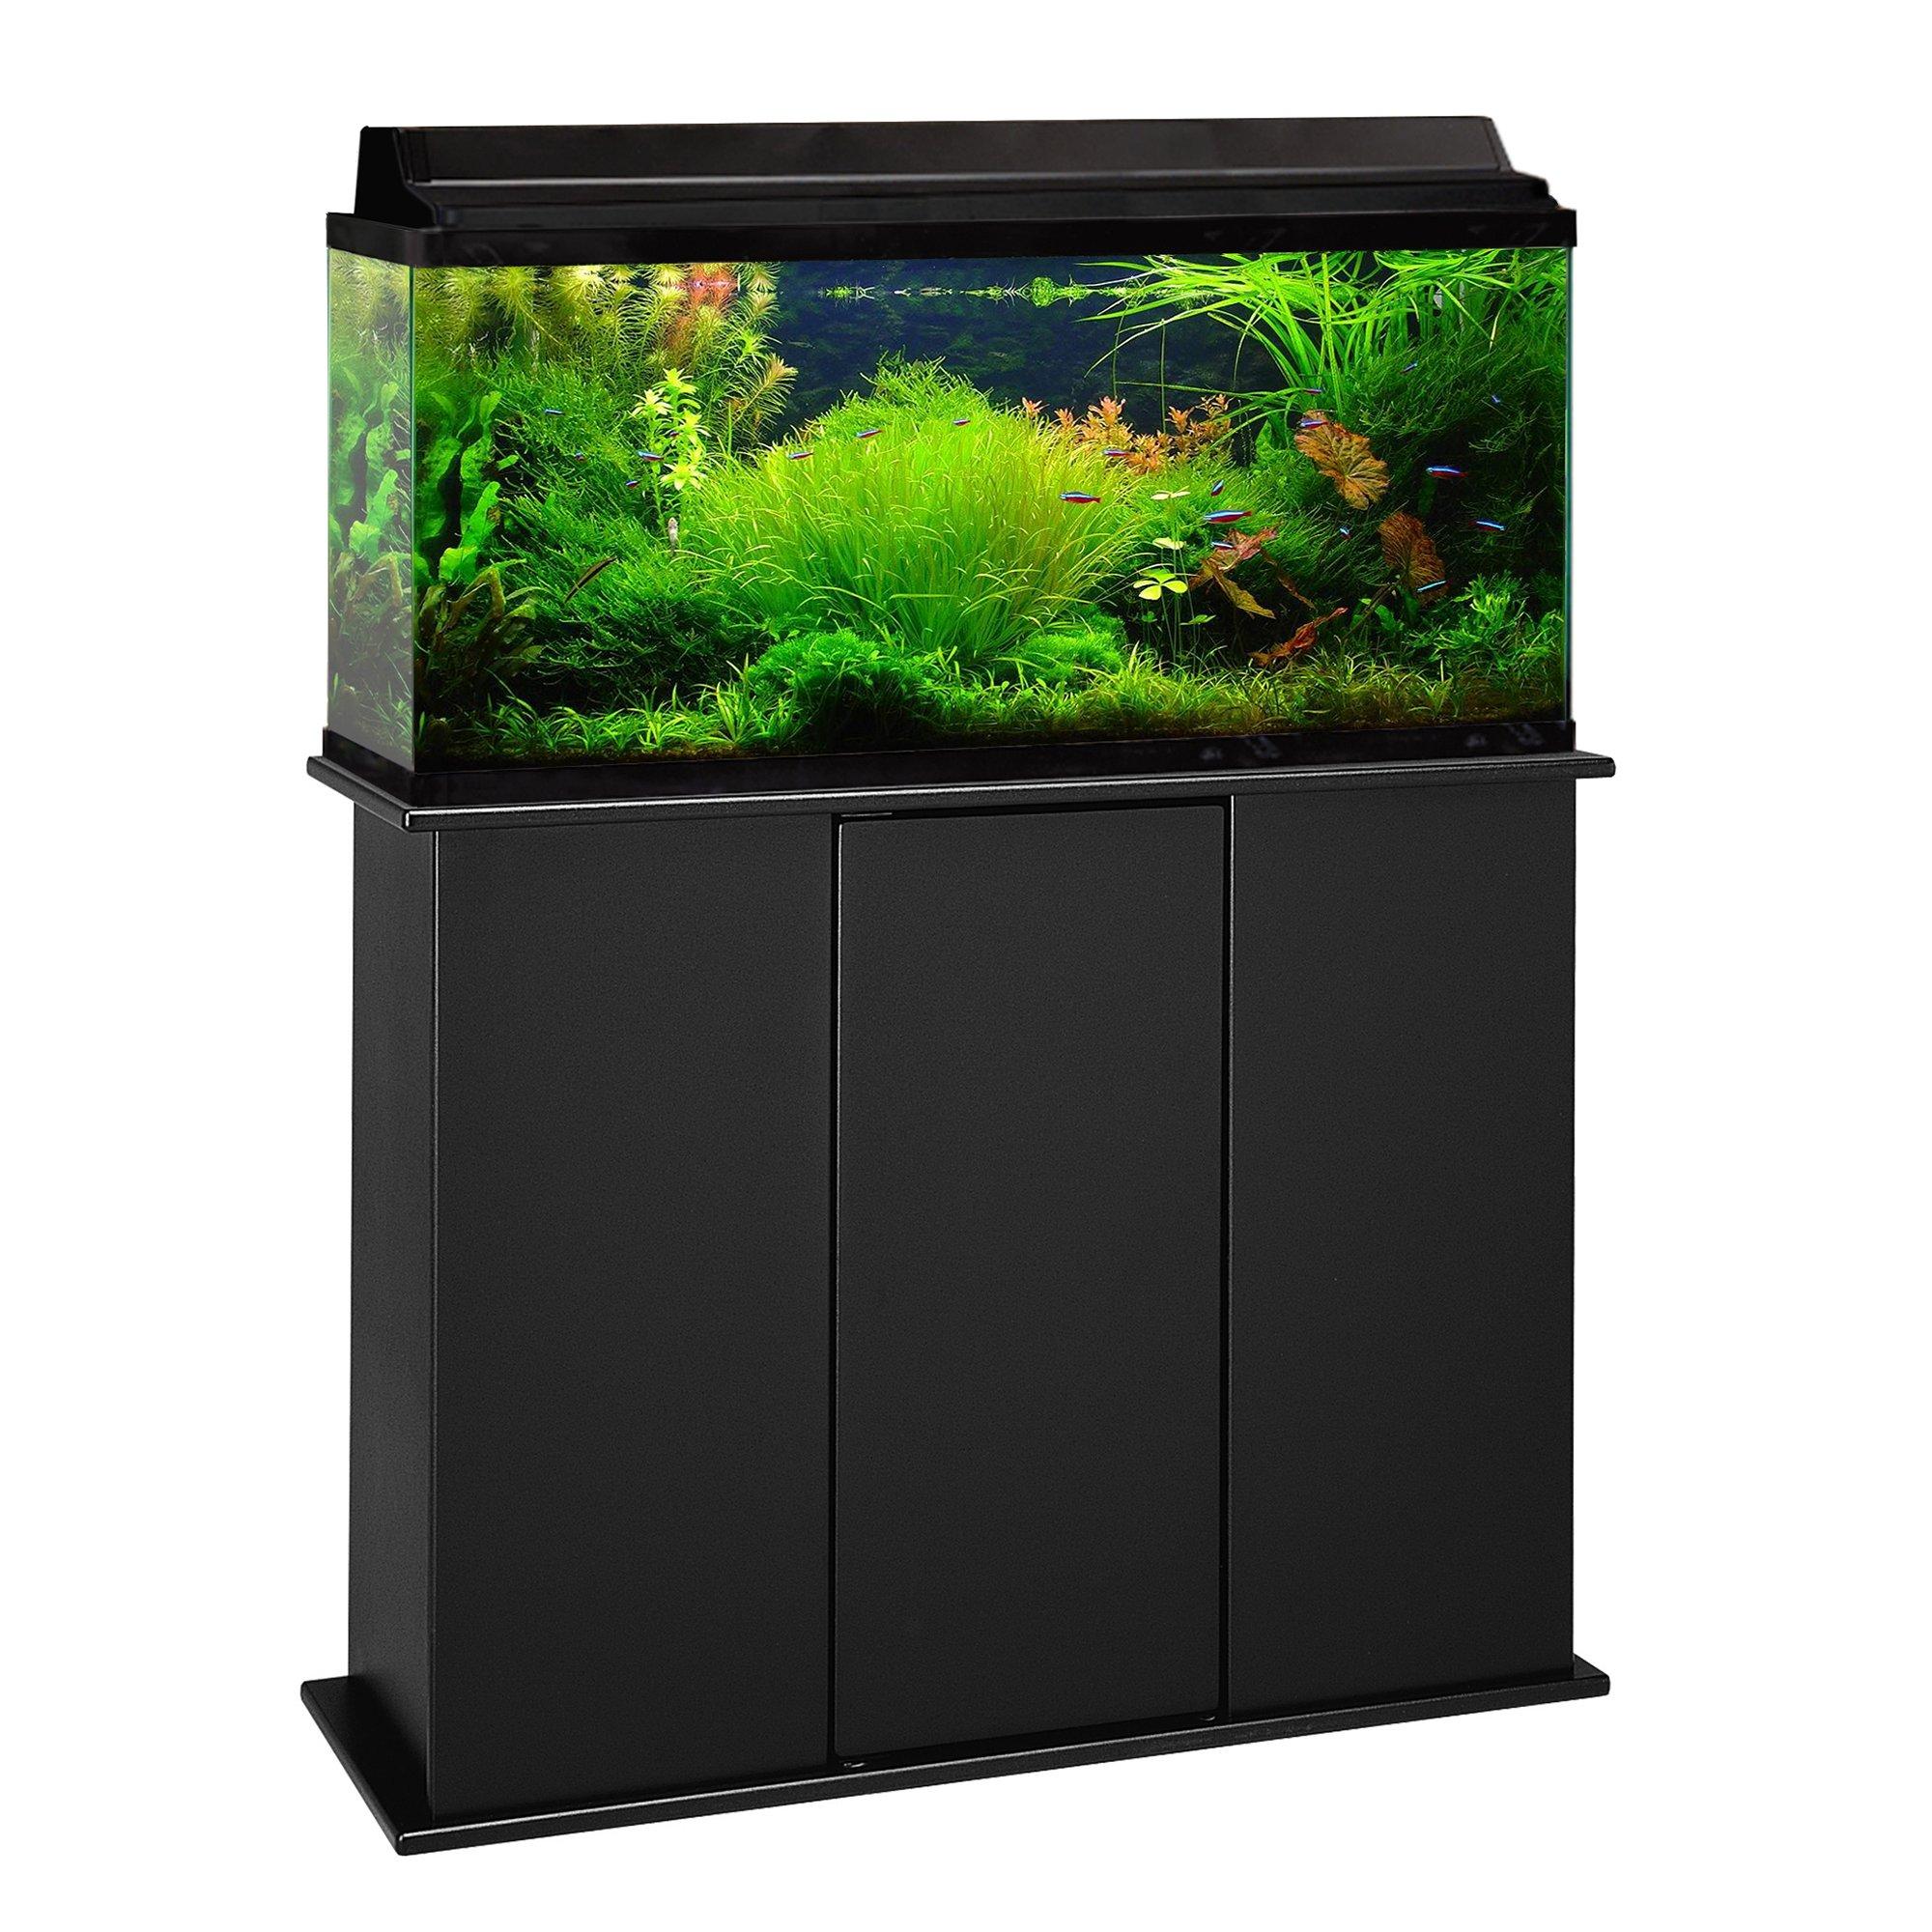 Aquatic fundamentals 30 38 45 gallon upright aquarium for Small fish tank stand